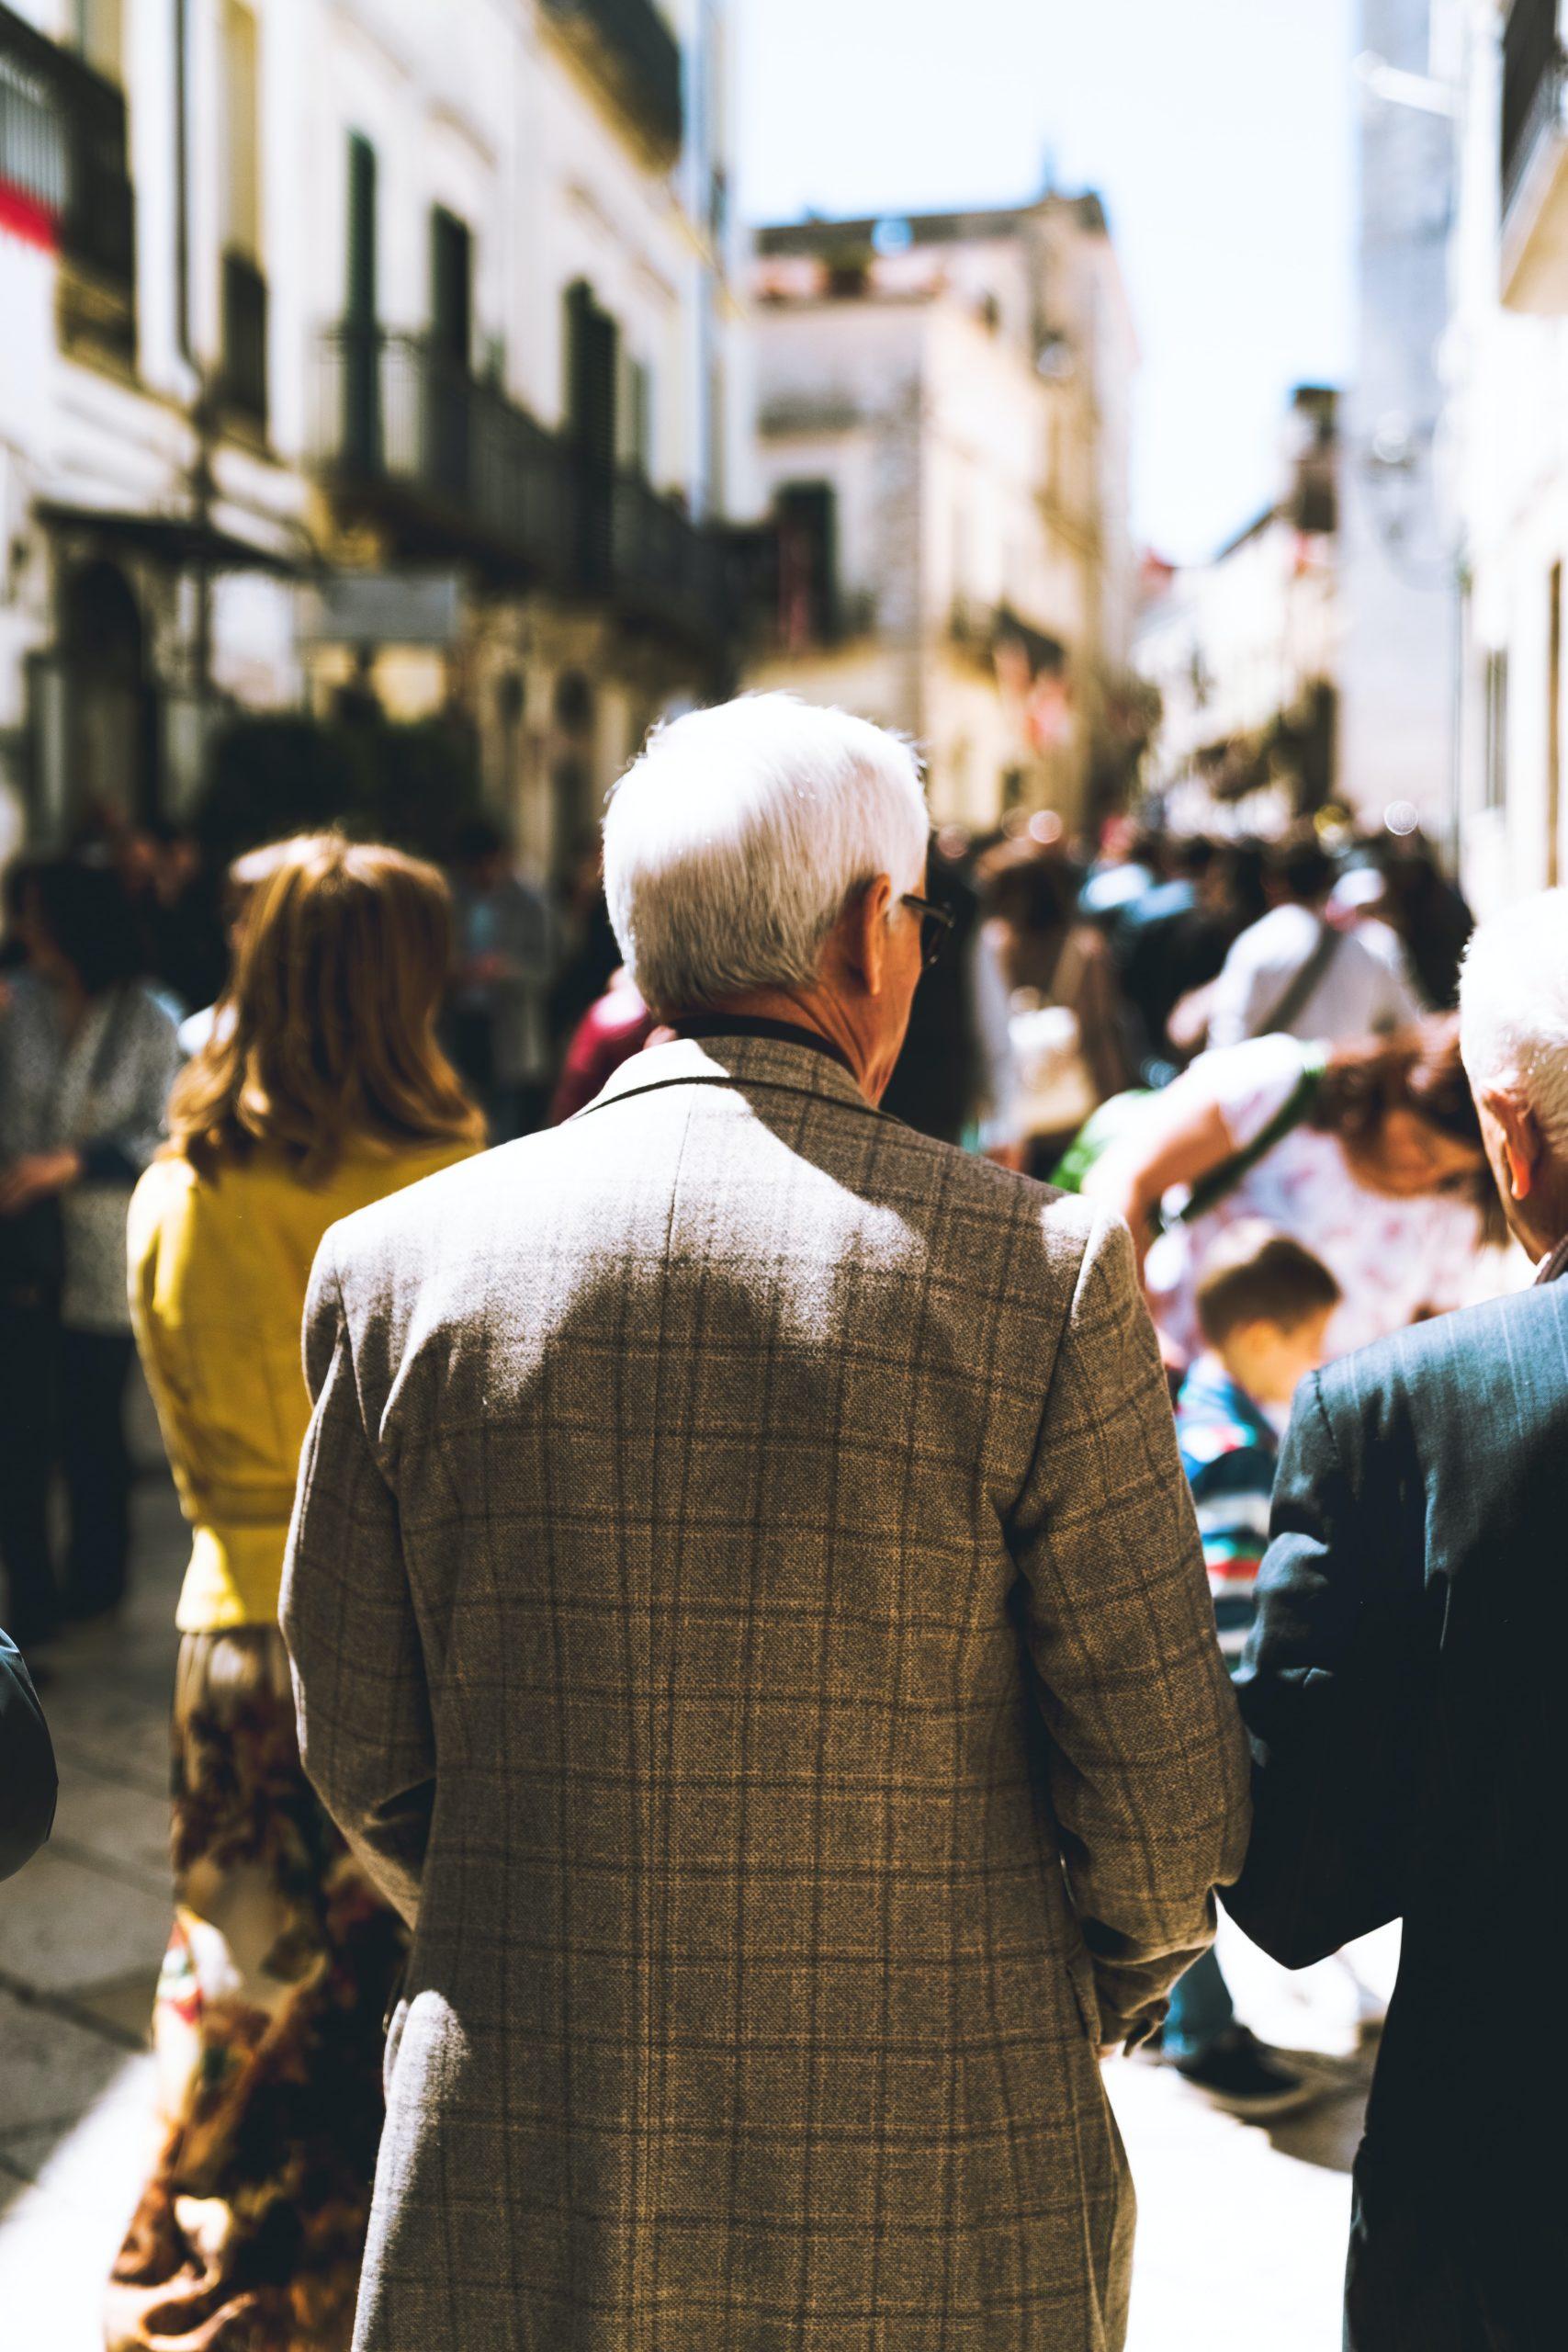 Ein alter, weißer Mann auf der Straße von hinten.